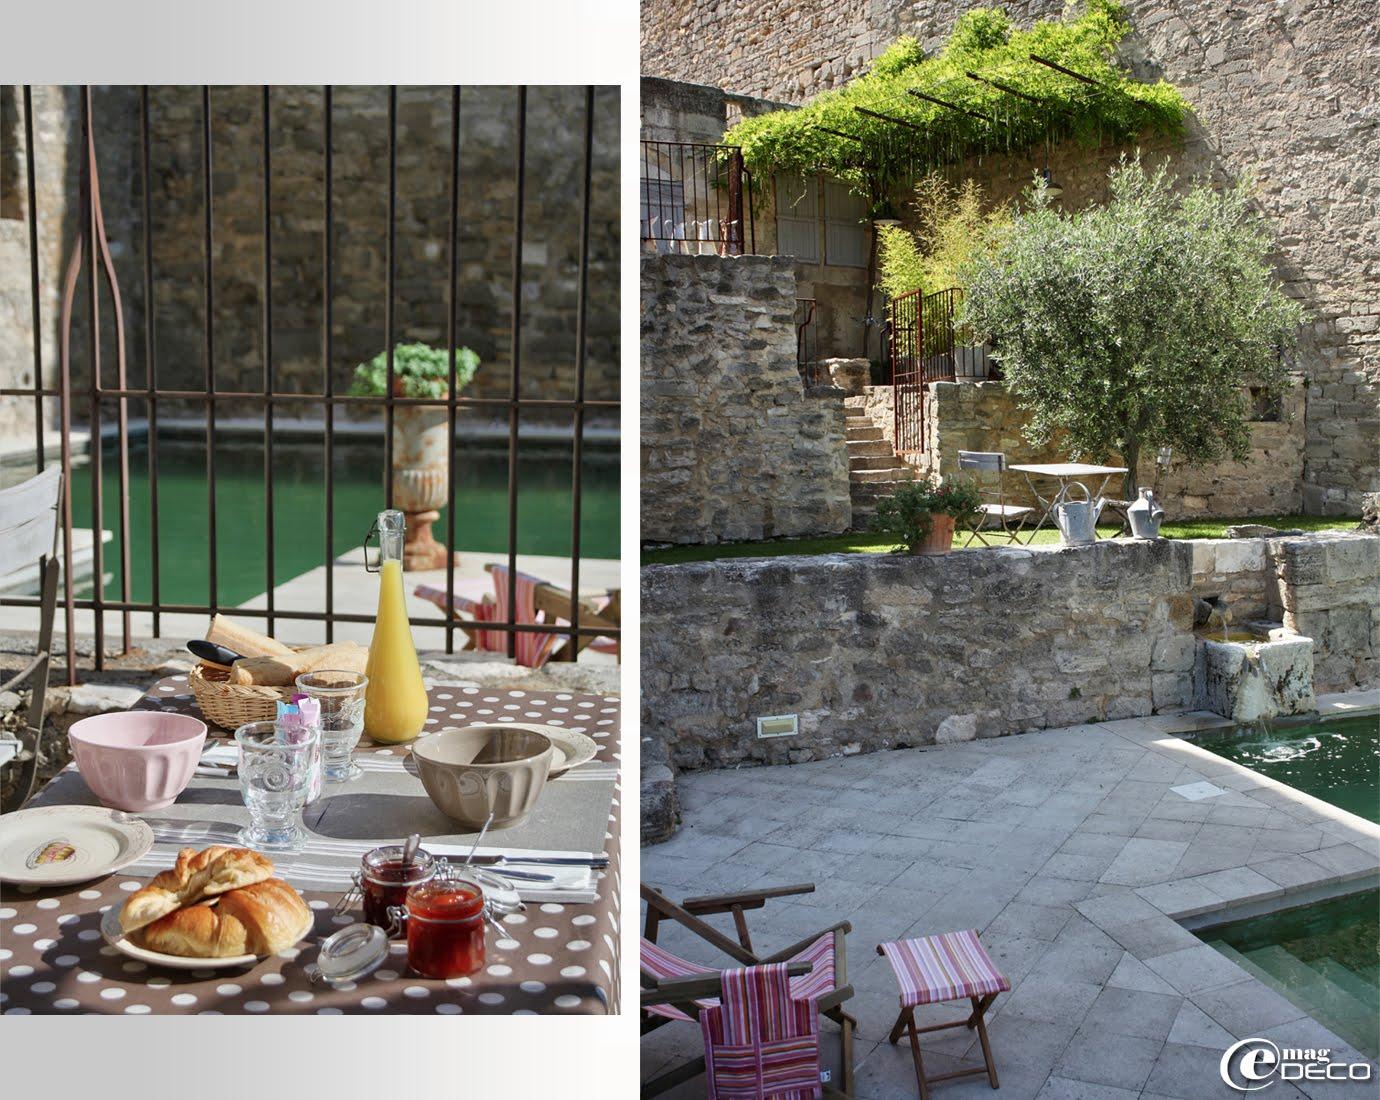 Petits déjeuners servis près de la piscine et aménagement de terrasses, Le Posterlon, chambre d'hôtes de charme en Provence